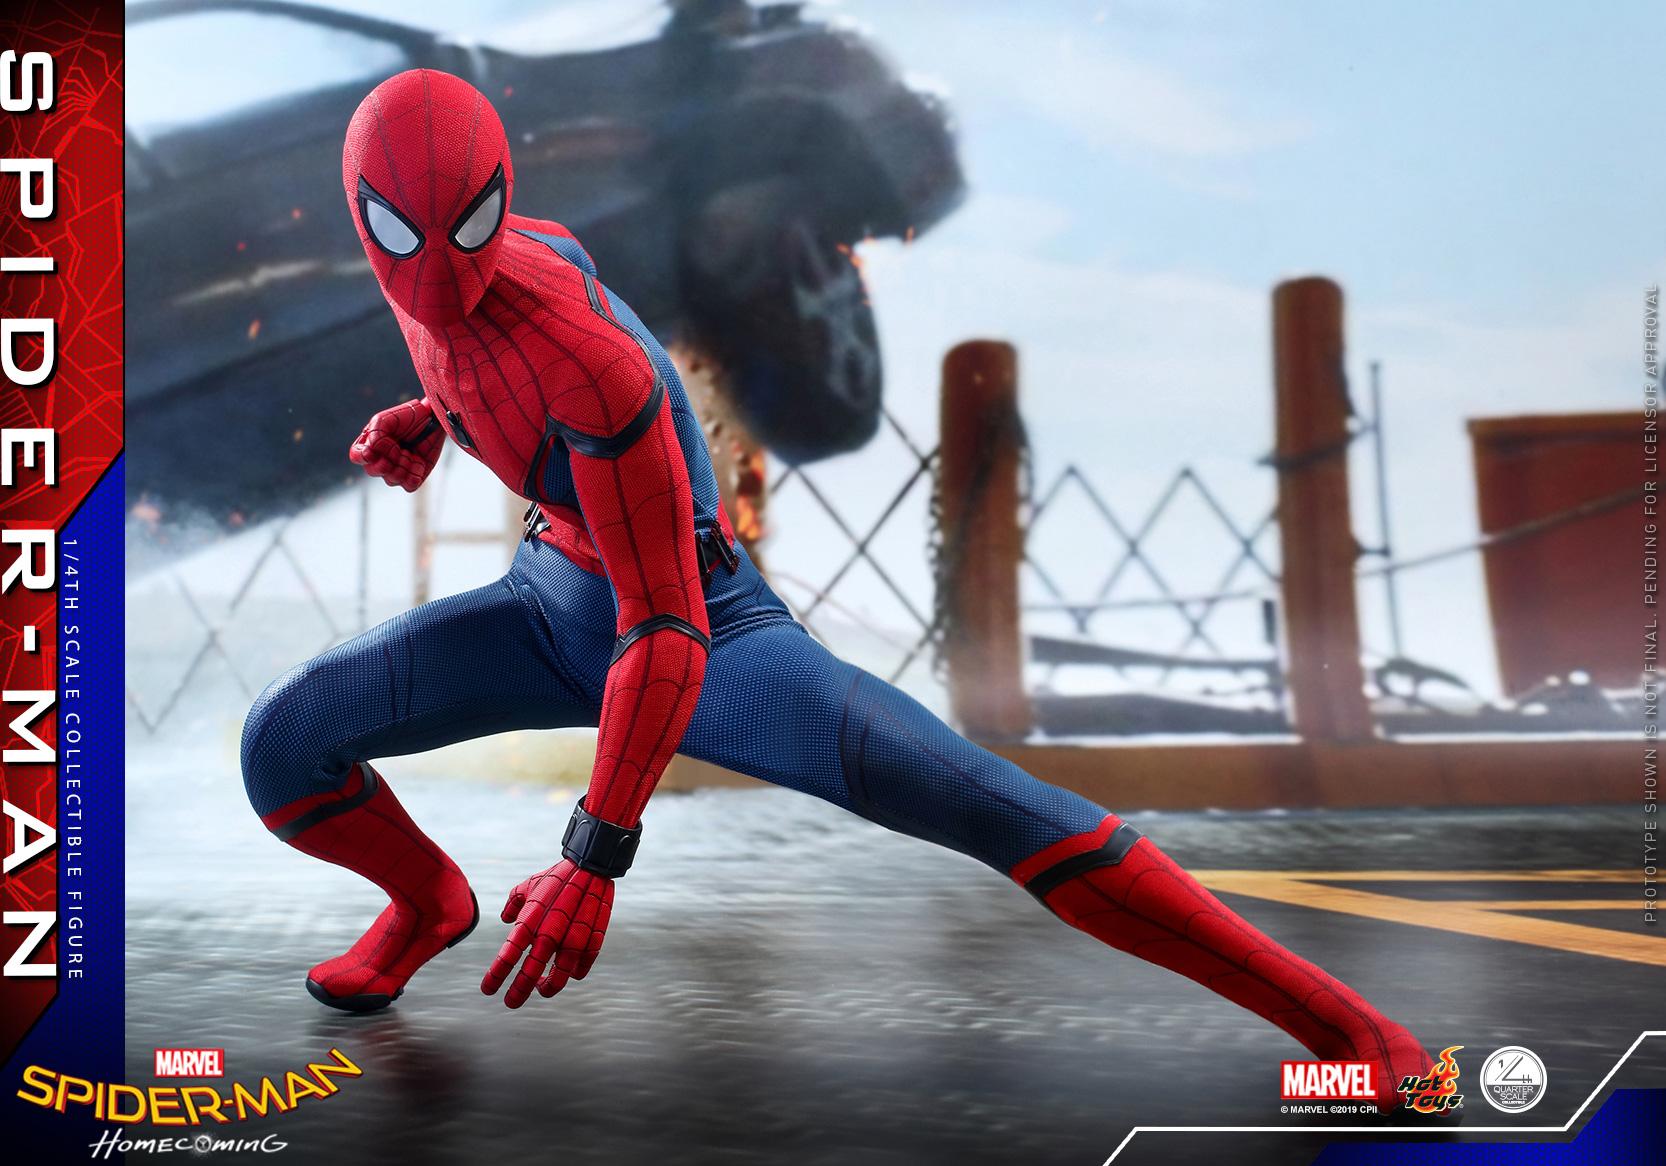 ホットトイズ クオーター・スケール スパイダーマン ホームカミング